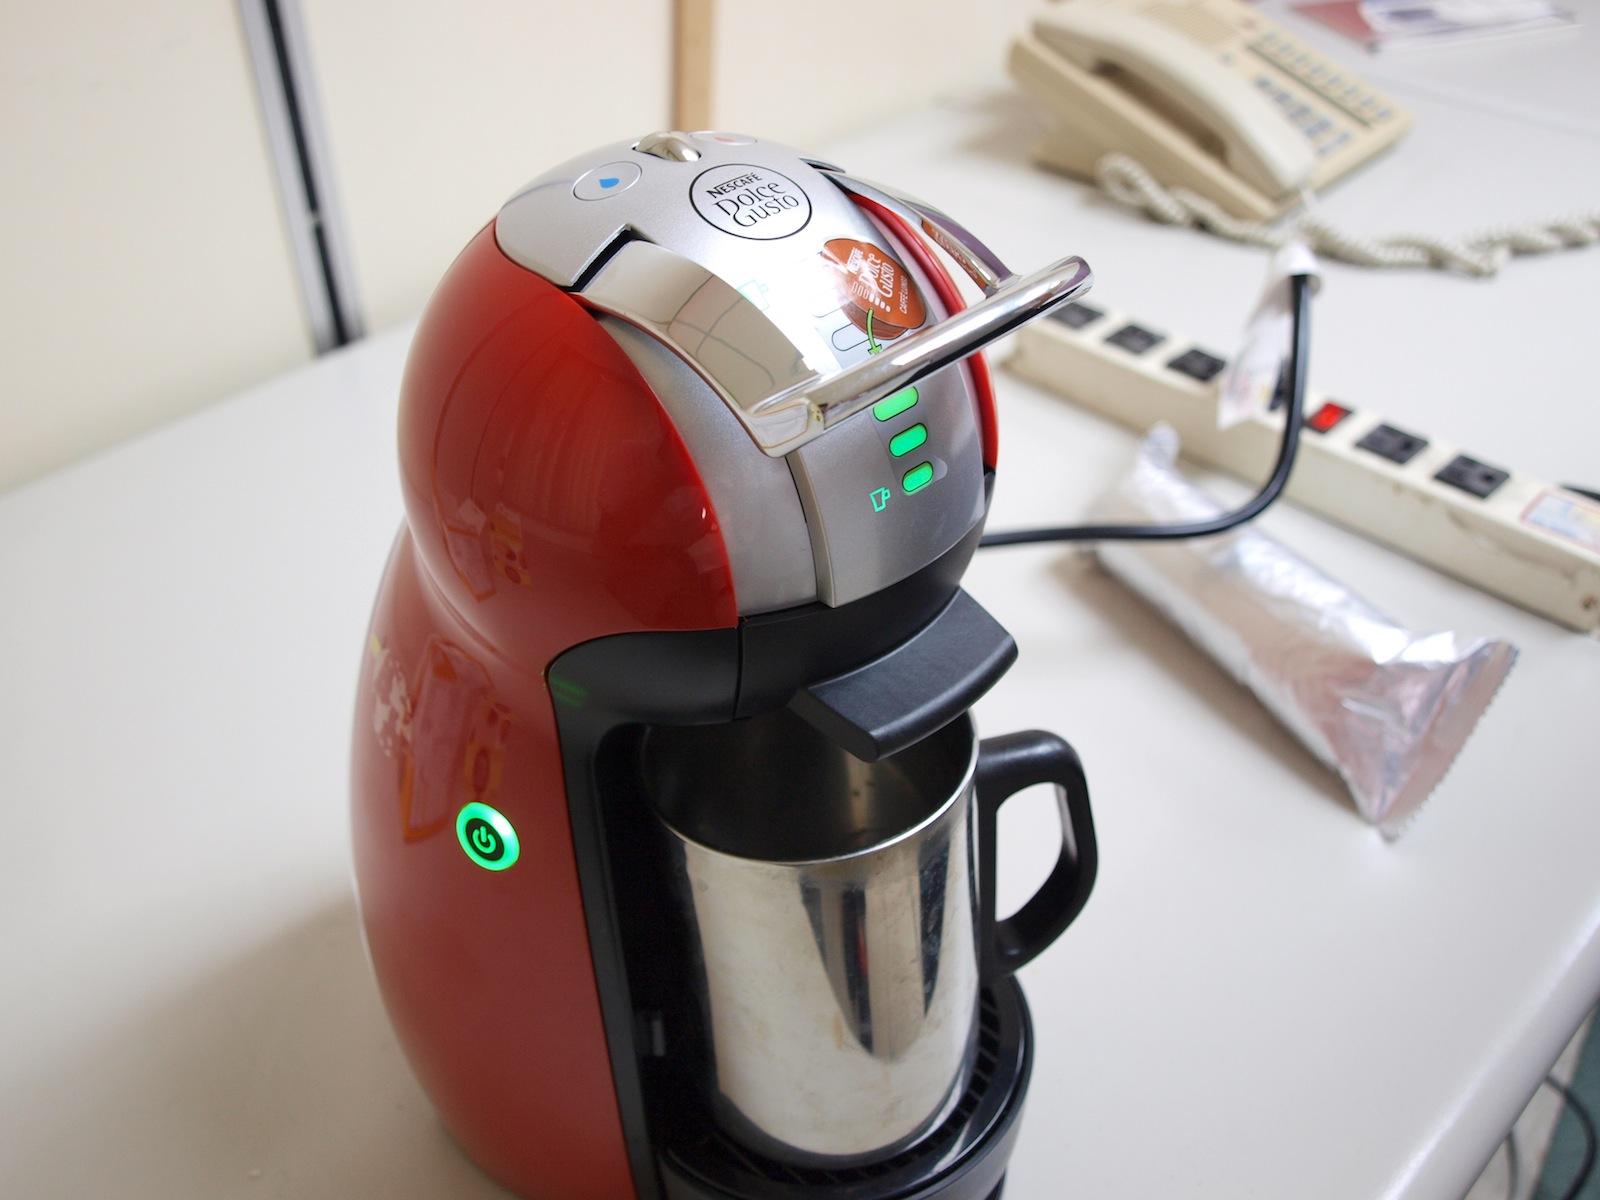 雀巢膠囊咖啡機 NESCAFÉ Dolce Gusto 使用小心得 - G. T. Wang